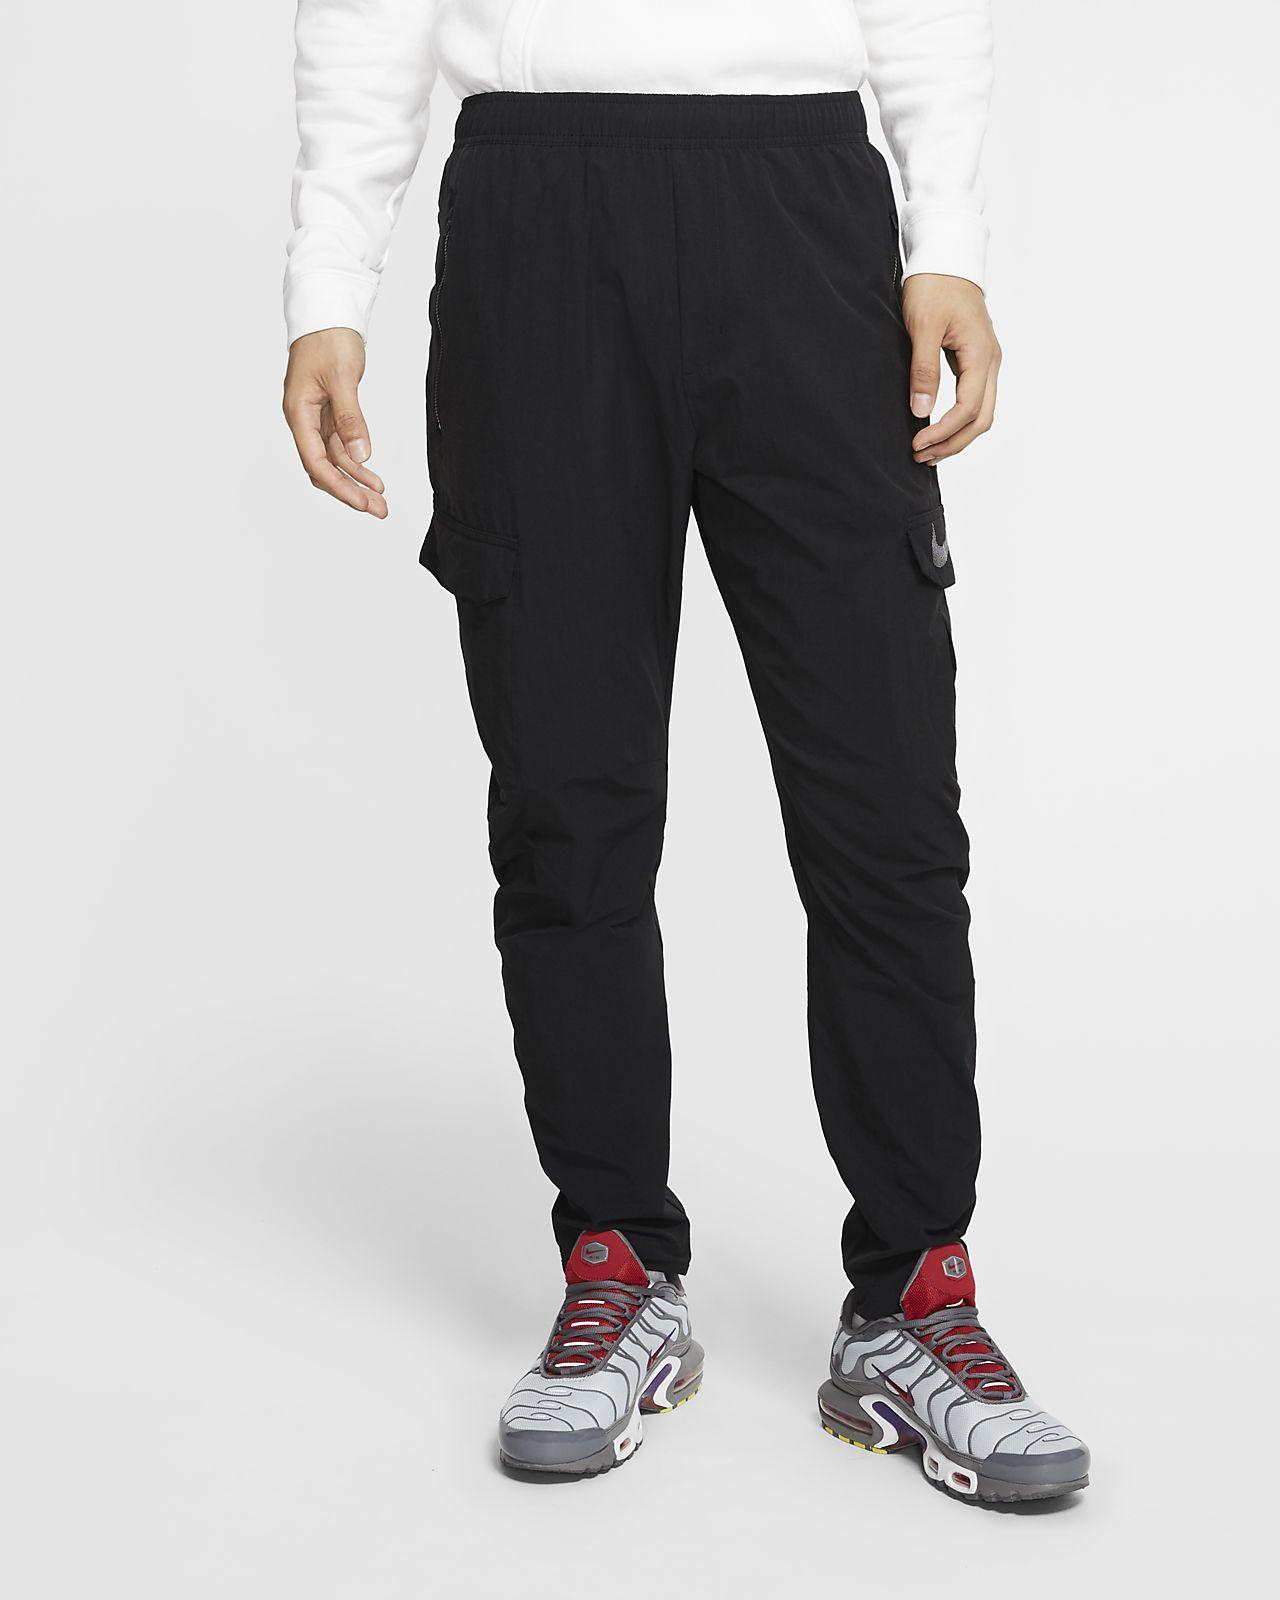 Pantaloni in woven Nike Sportswear Uomo